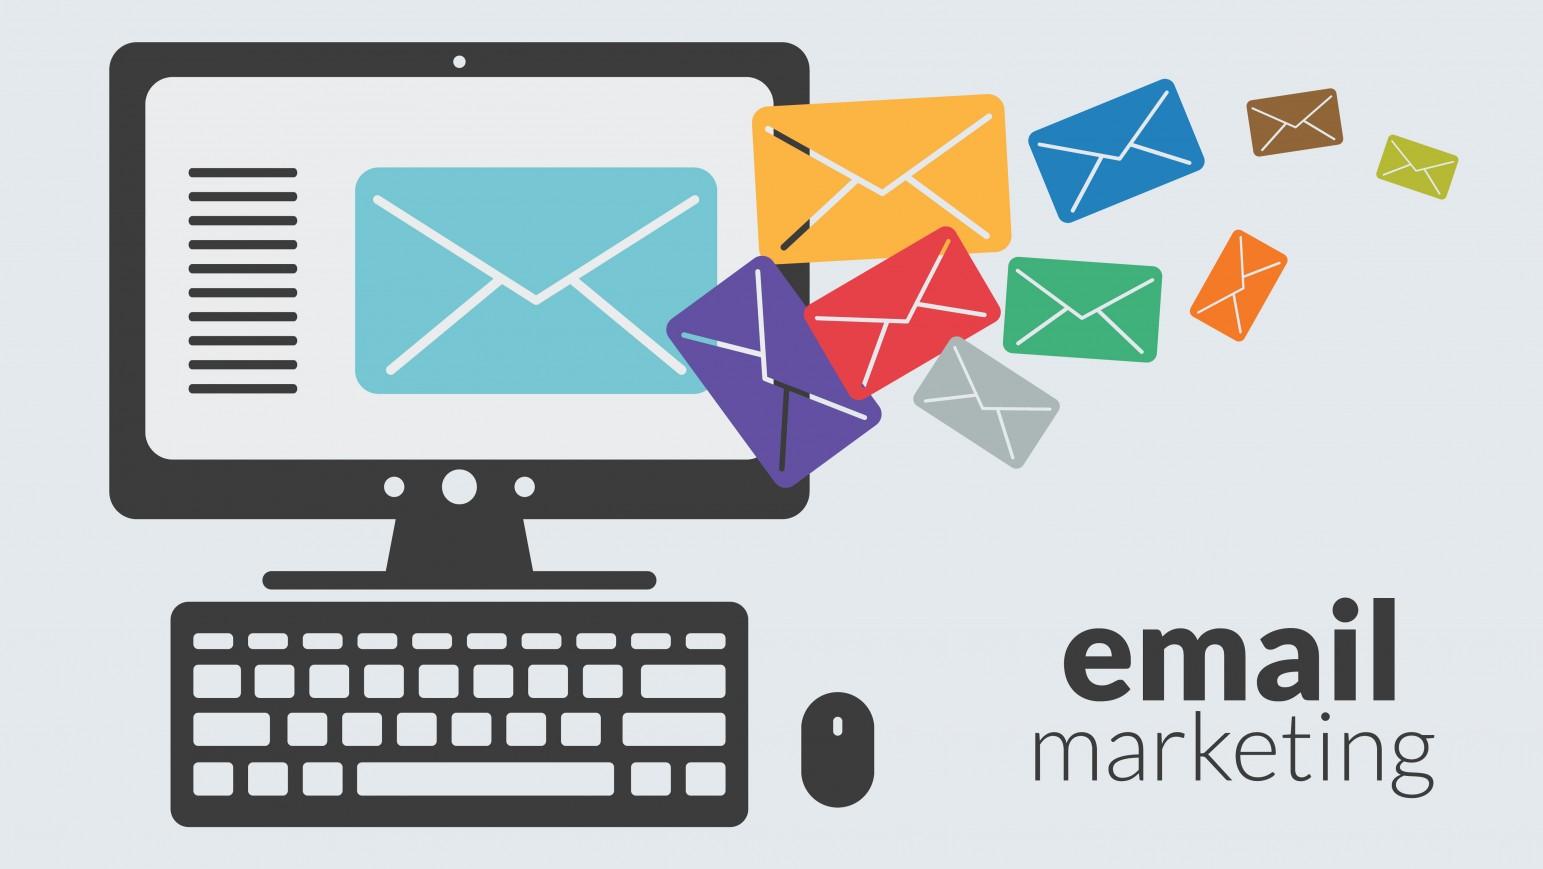 Làm thế nào để tôi biết chắc email của tôi vào được inbox của khách?